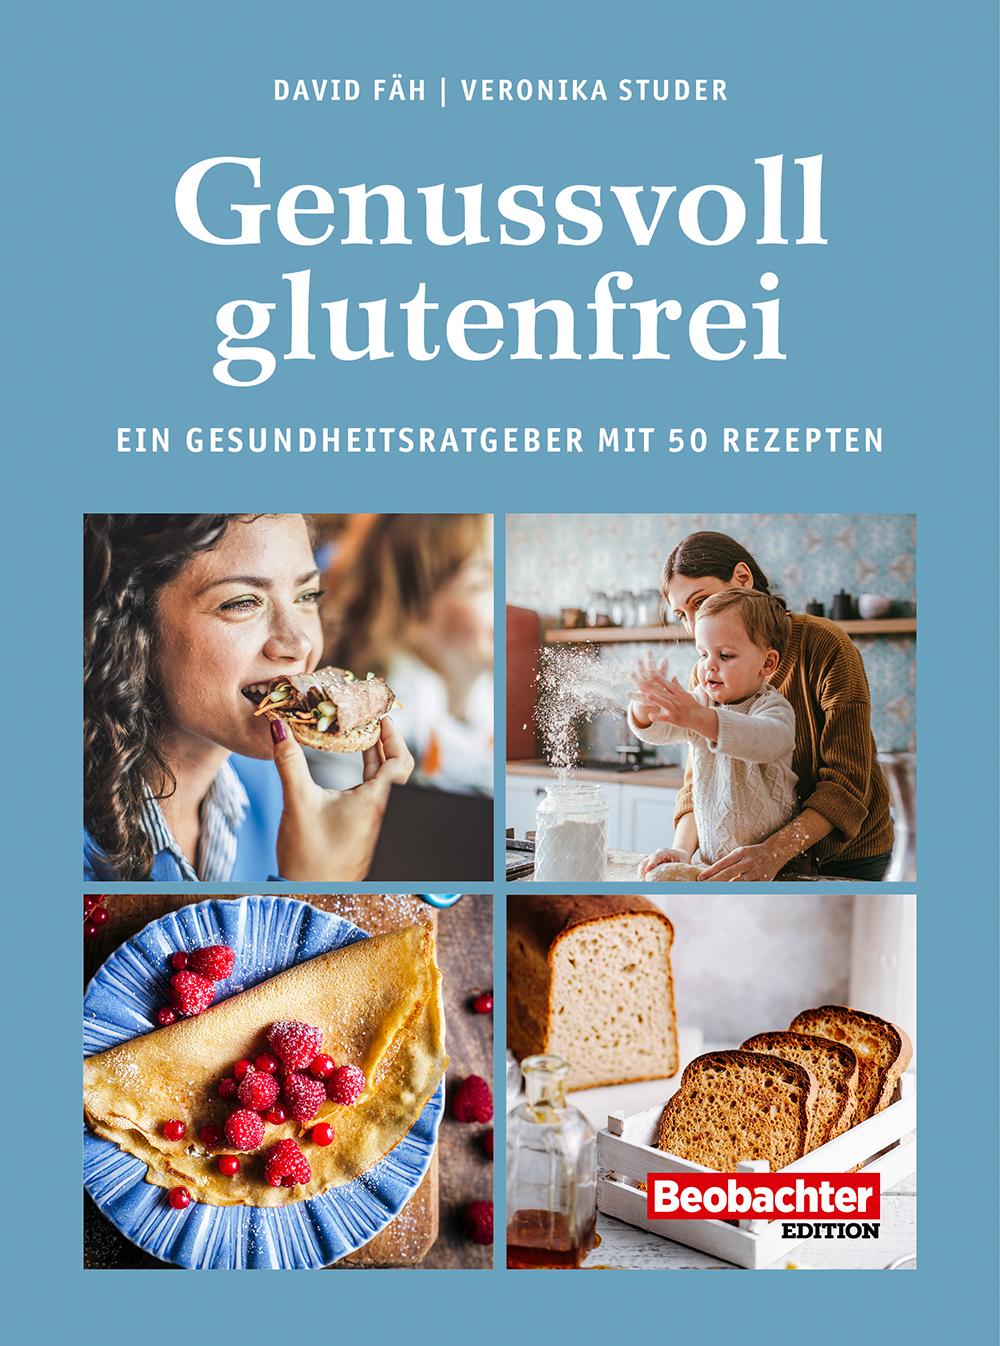 Mit Genuss glutenfrei essen